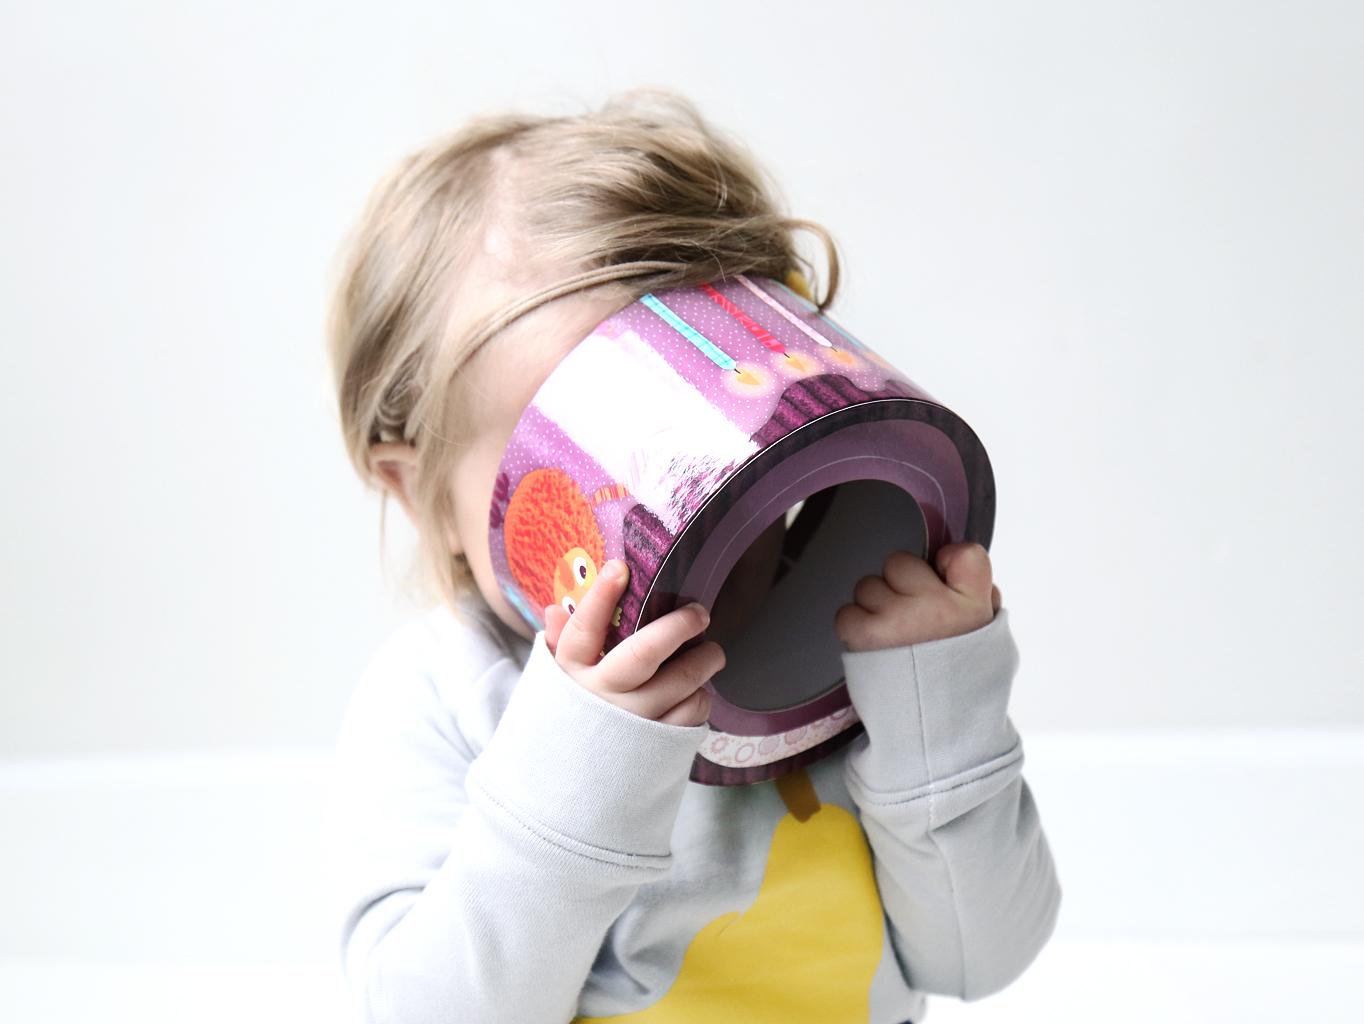 Stapelen, tellen, zien en ontdekken met Lilliputiens stapeltoren, tiny rain kids, faal trends, kindermodeblog